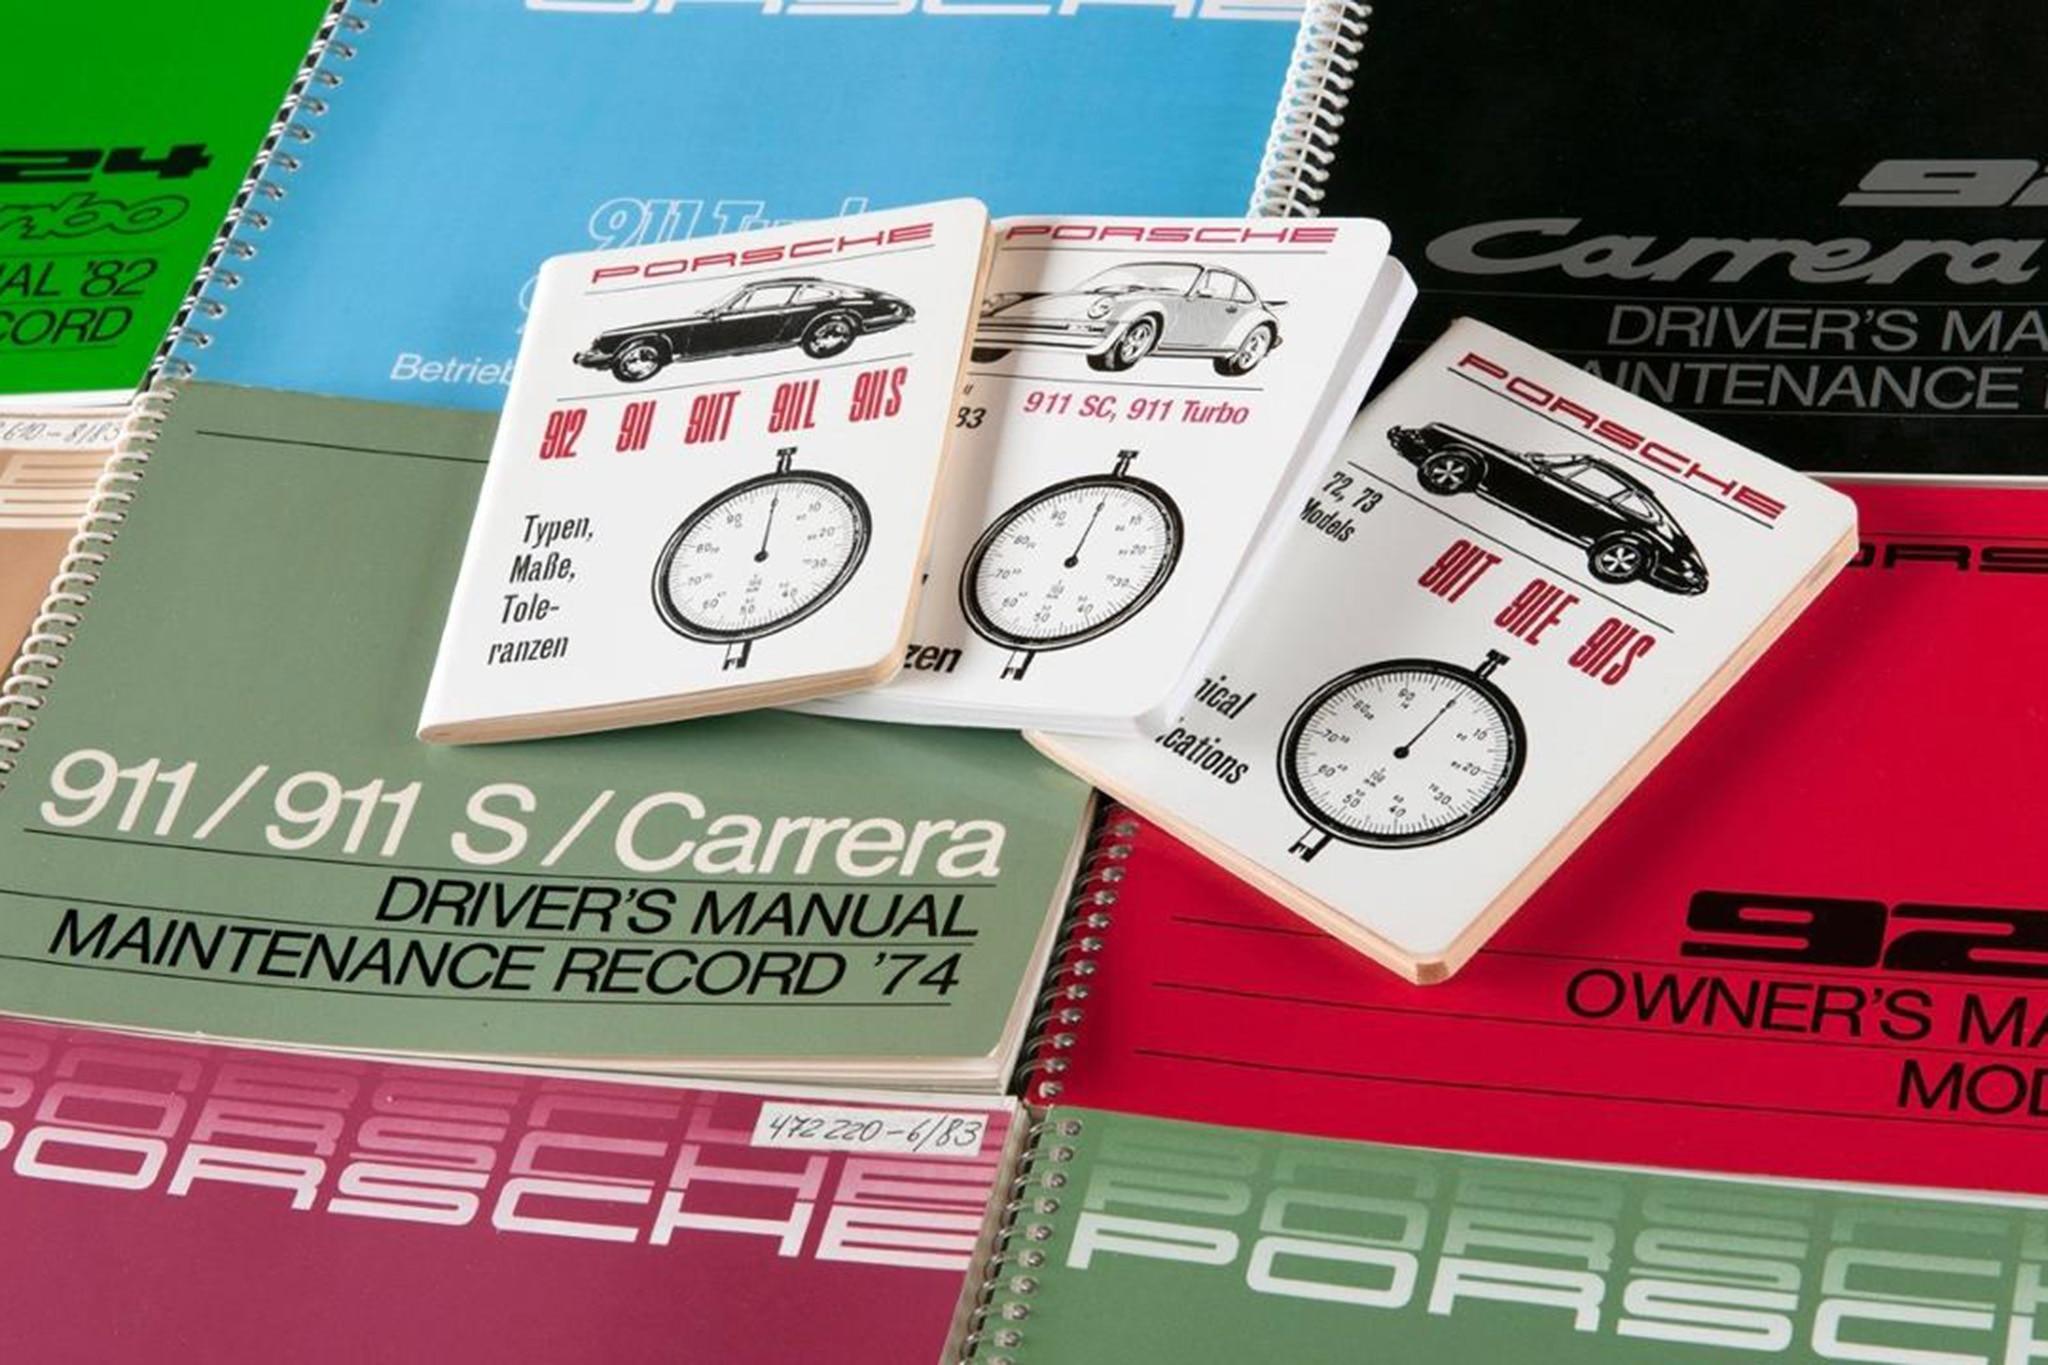 Porsche Classic Drivers Manual Reprint 2